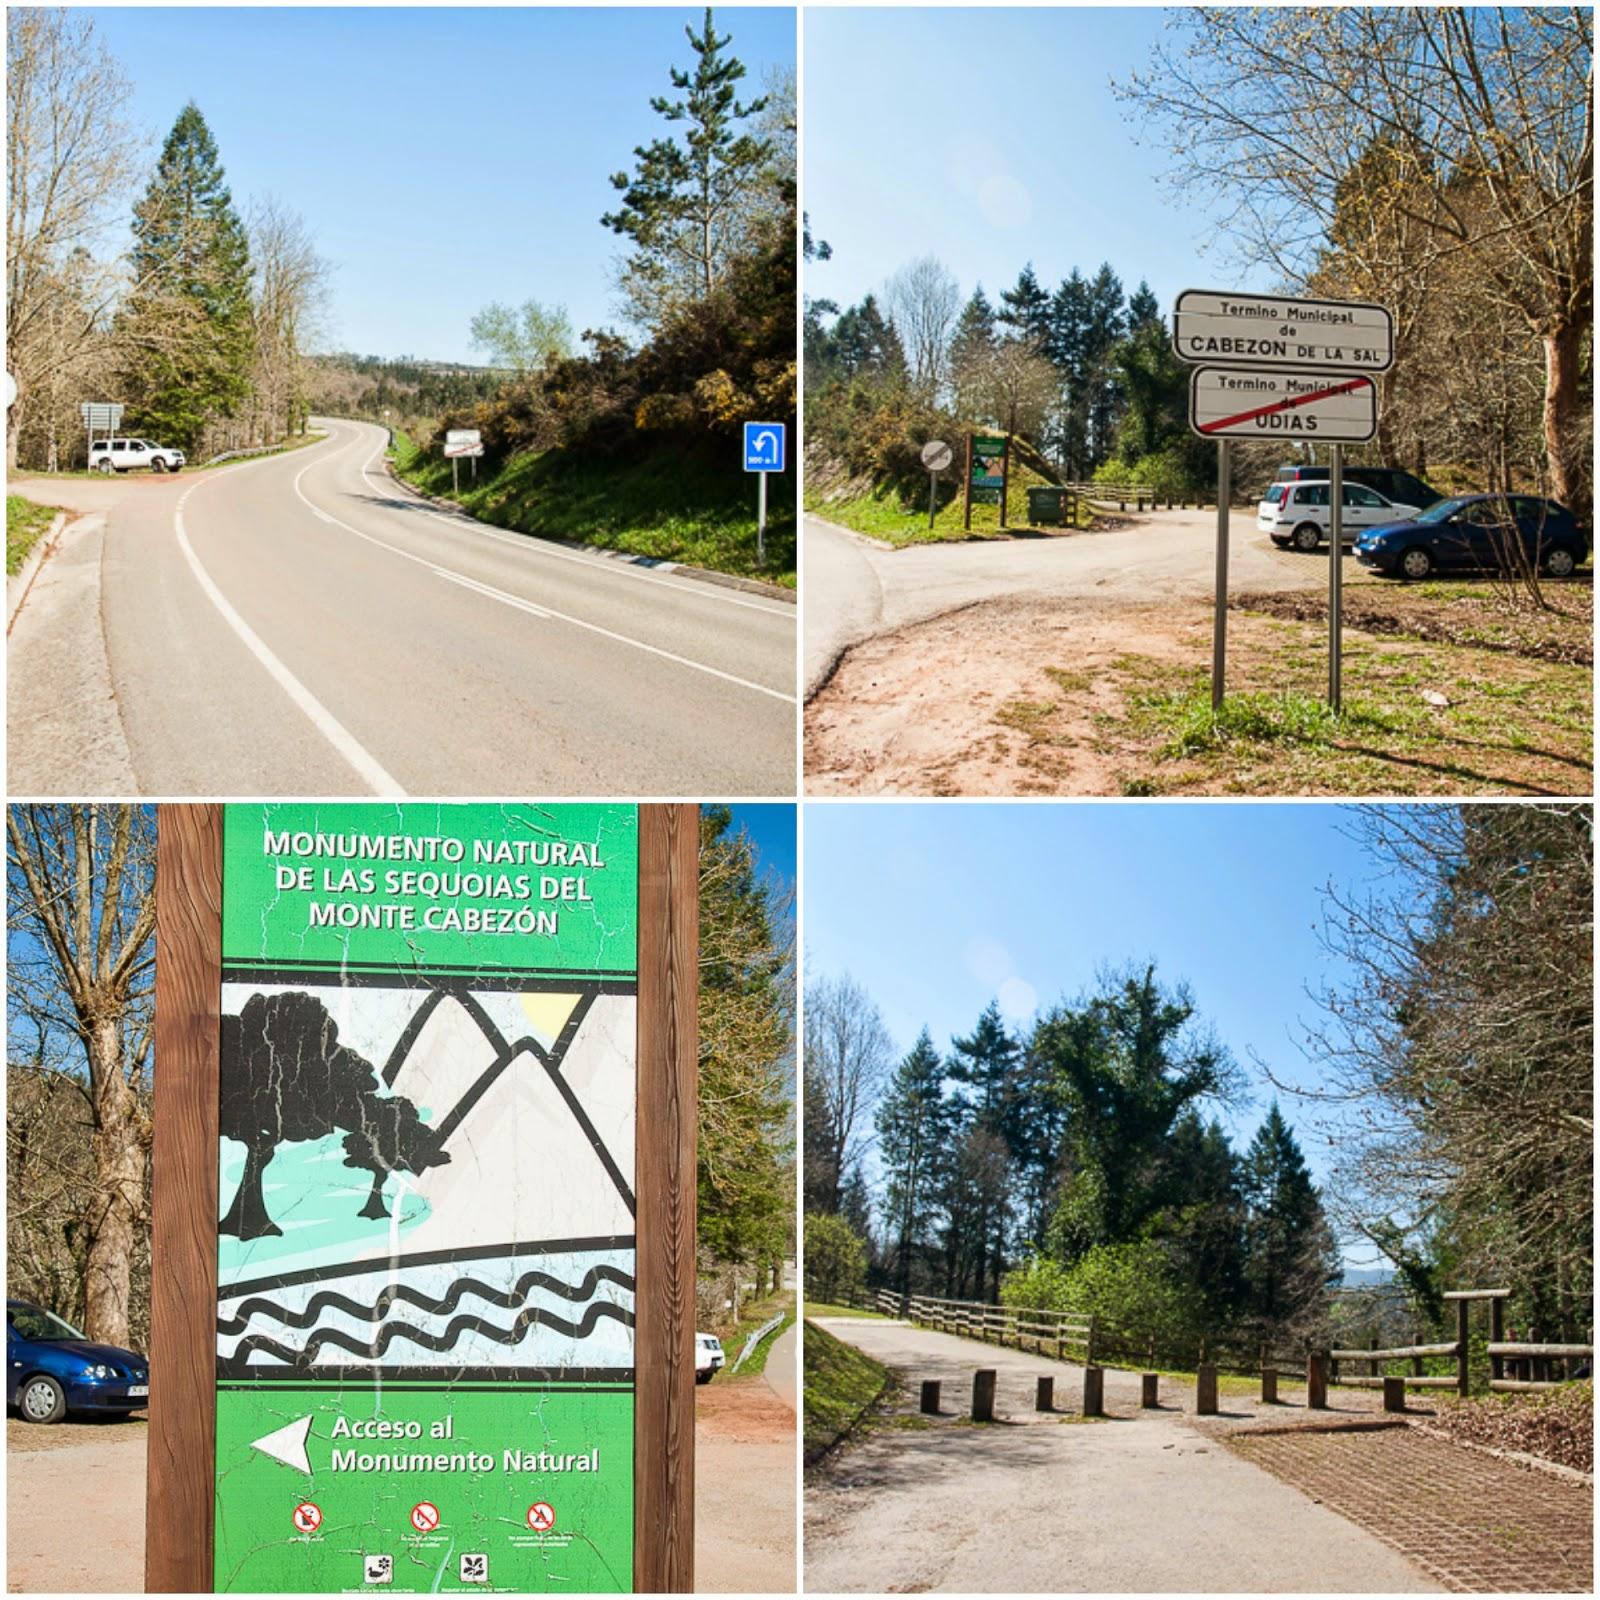 Acceso al parque de secuoyas de Cabezon de la sal en Cantabria